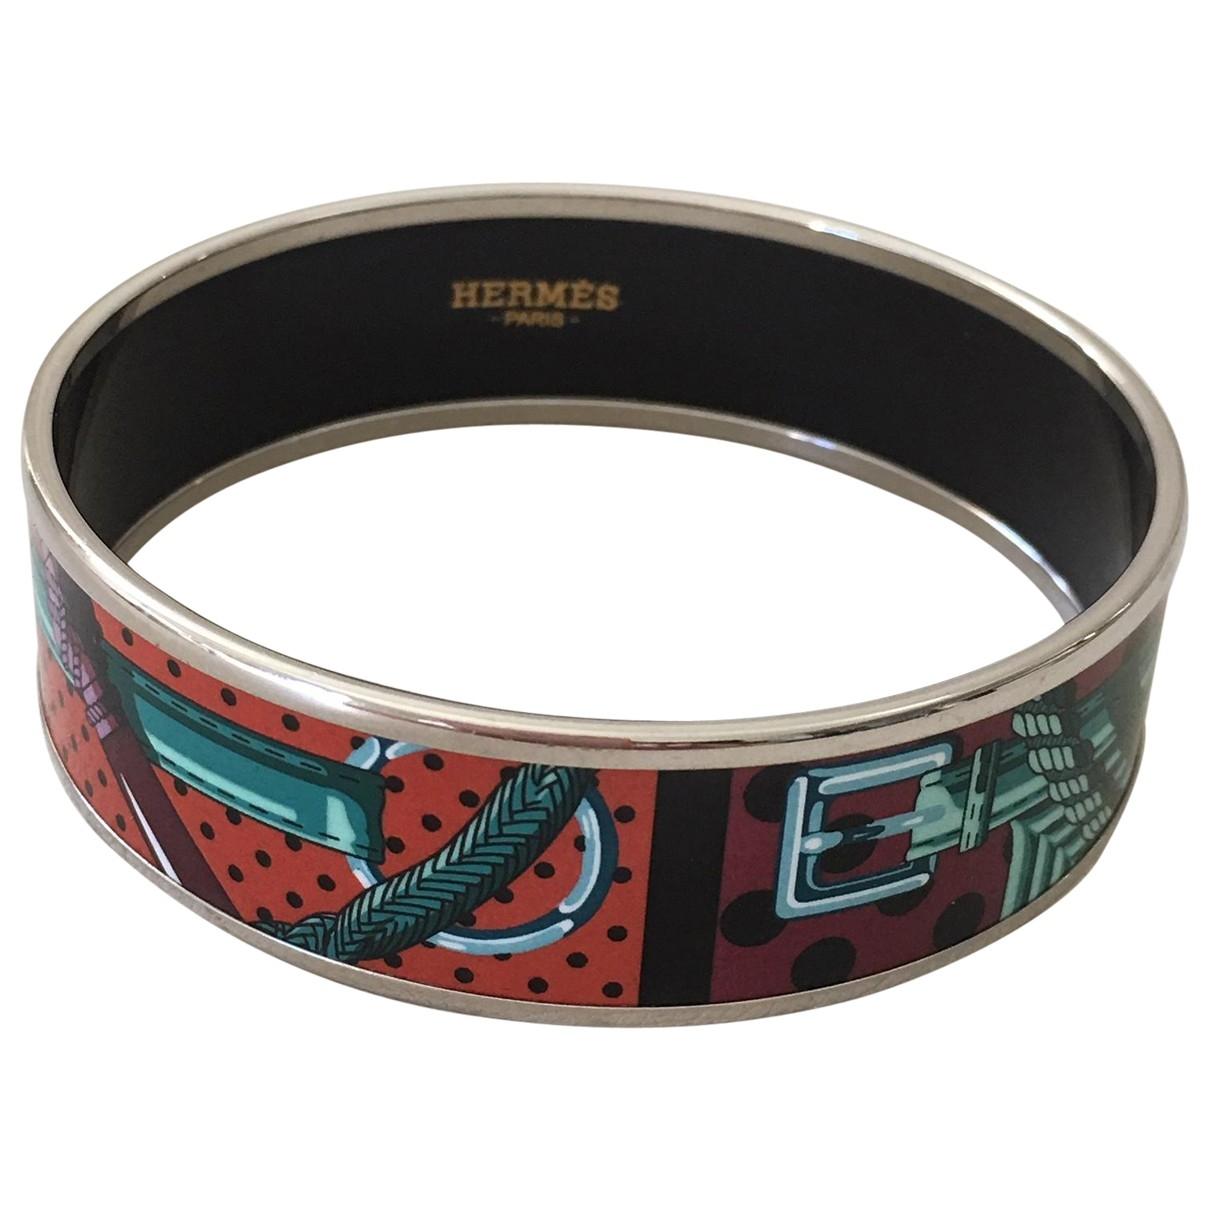 Hermes - Bracelet Bracelet Email pour femme en metal - violet